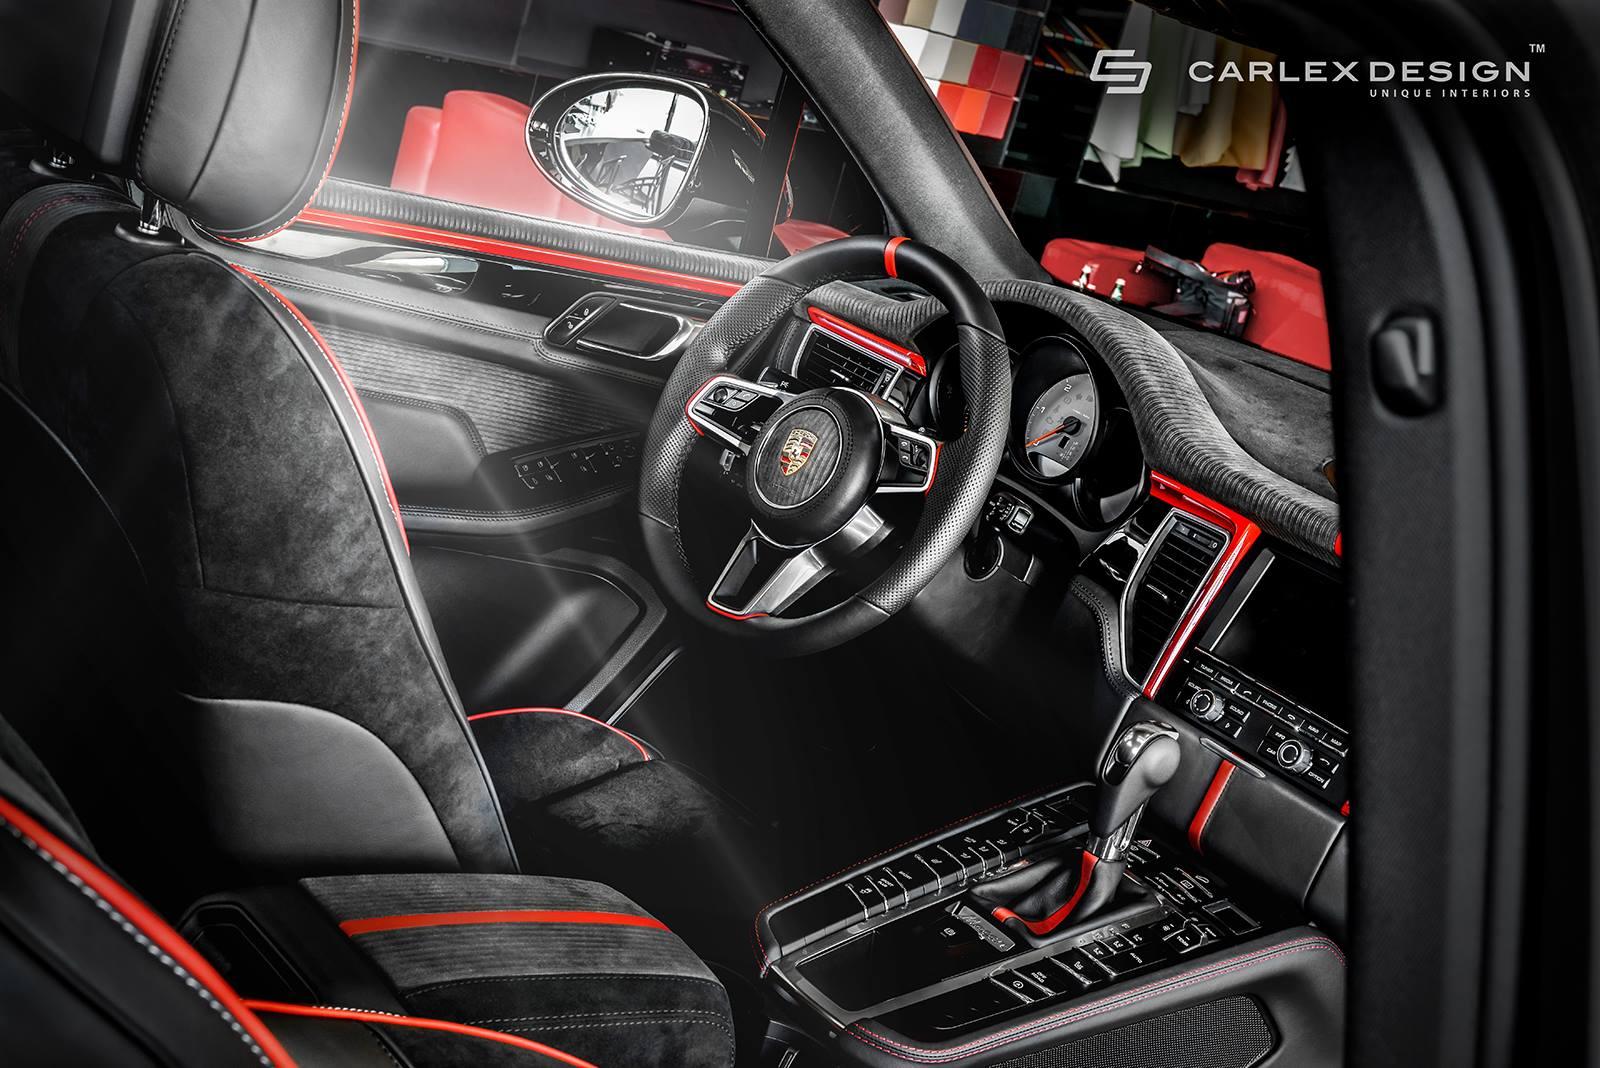 Porsche Macan Gets A Berserk Red And Black Interior